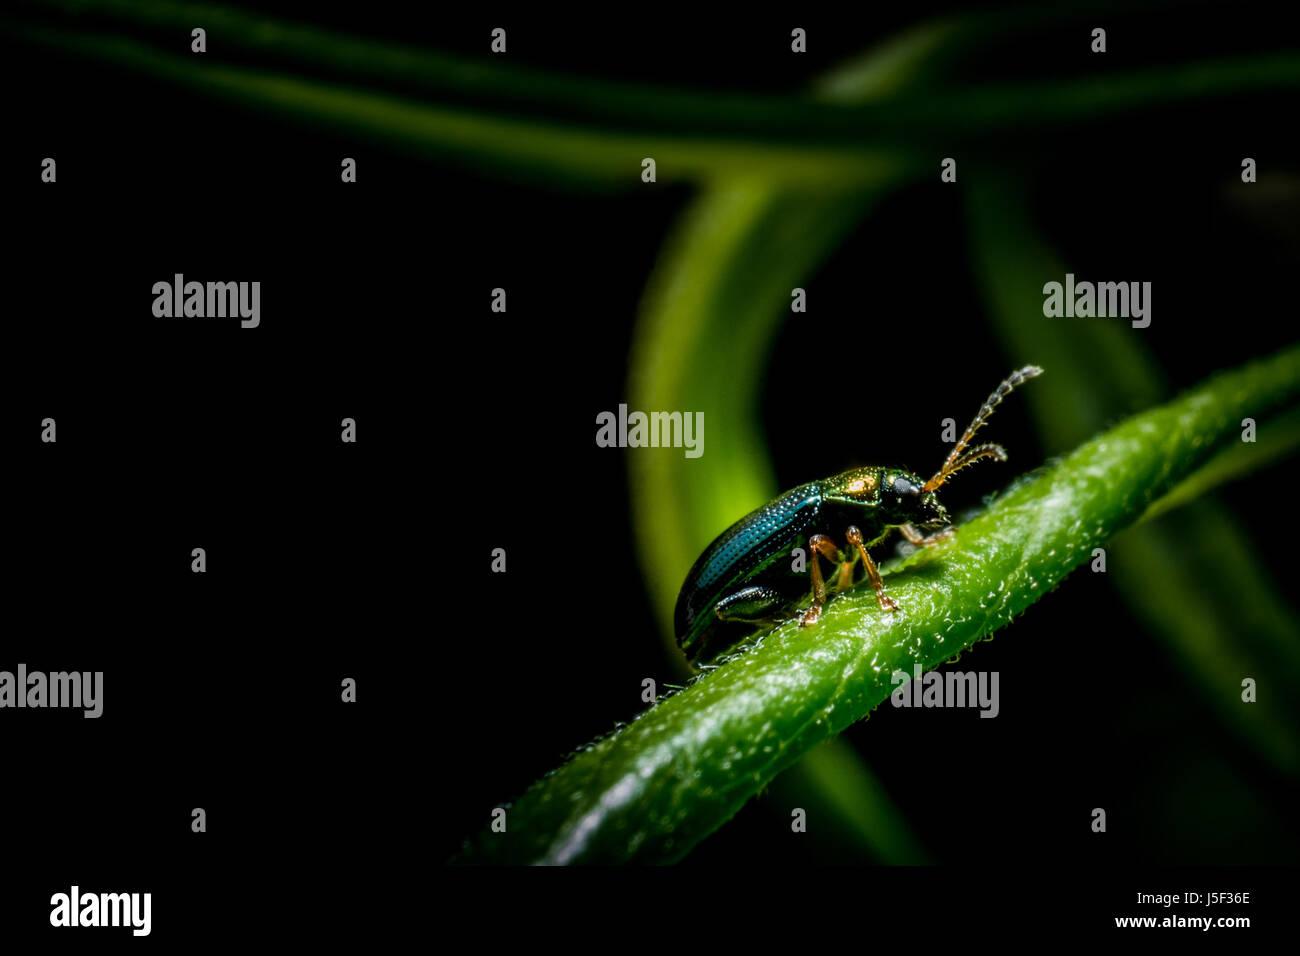 Pequeno insecto metálico sobre la hierba verde bosque en fotografía macro Foto de stock